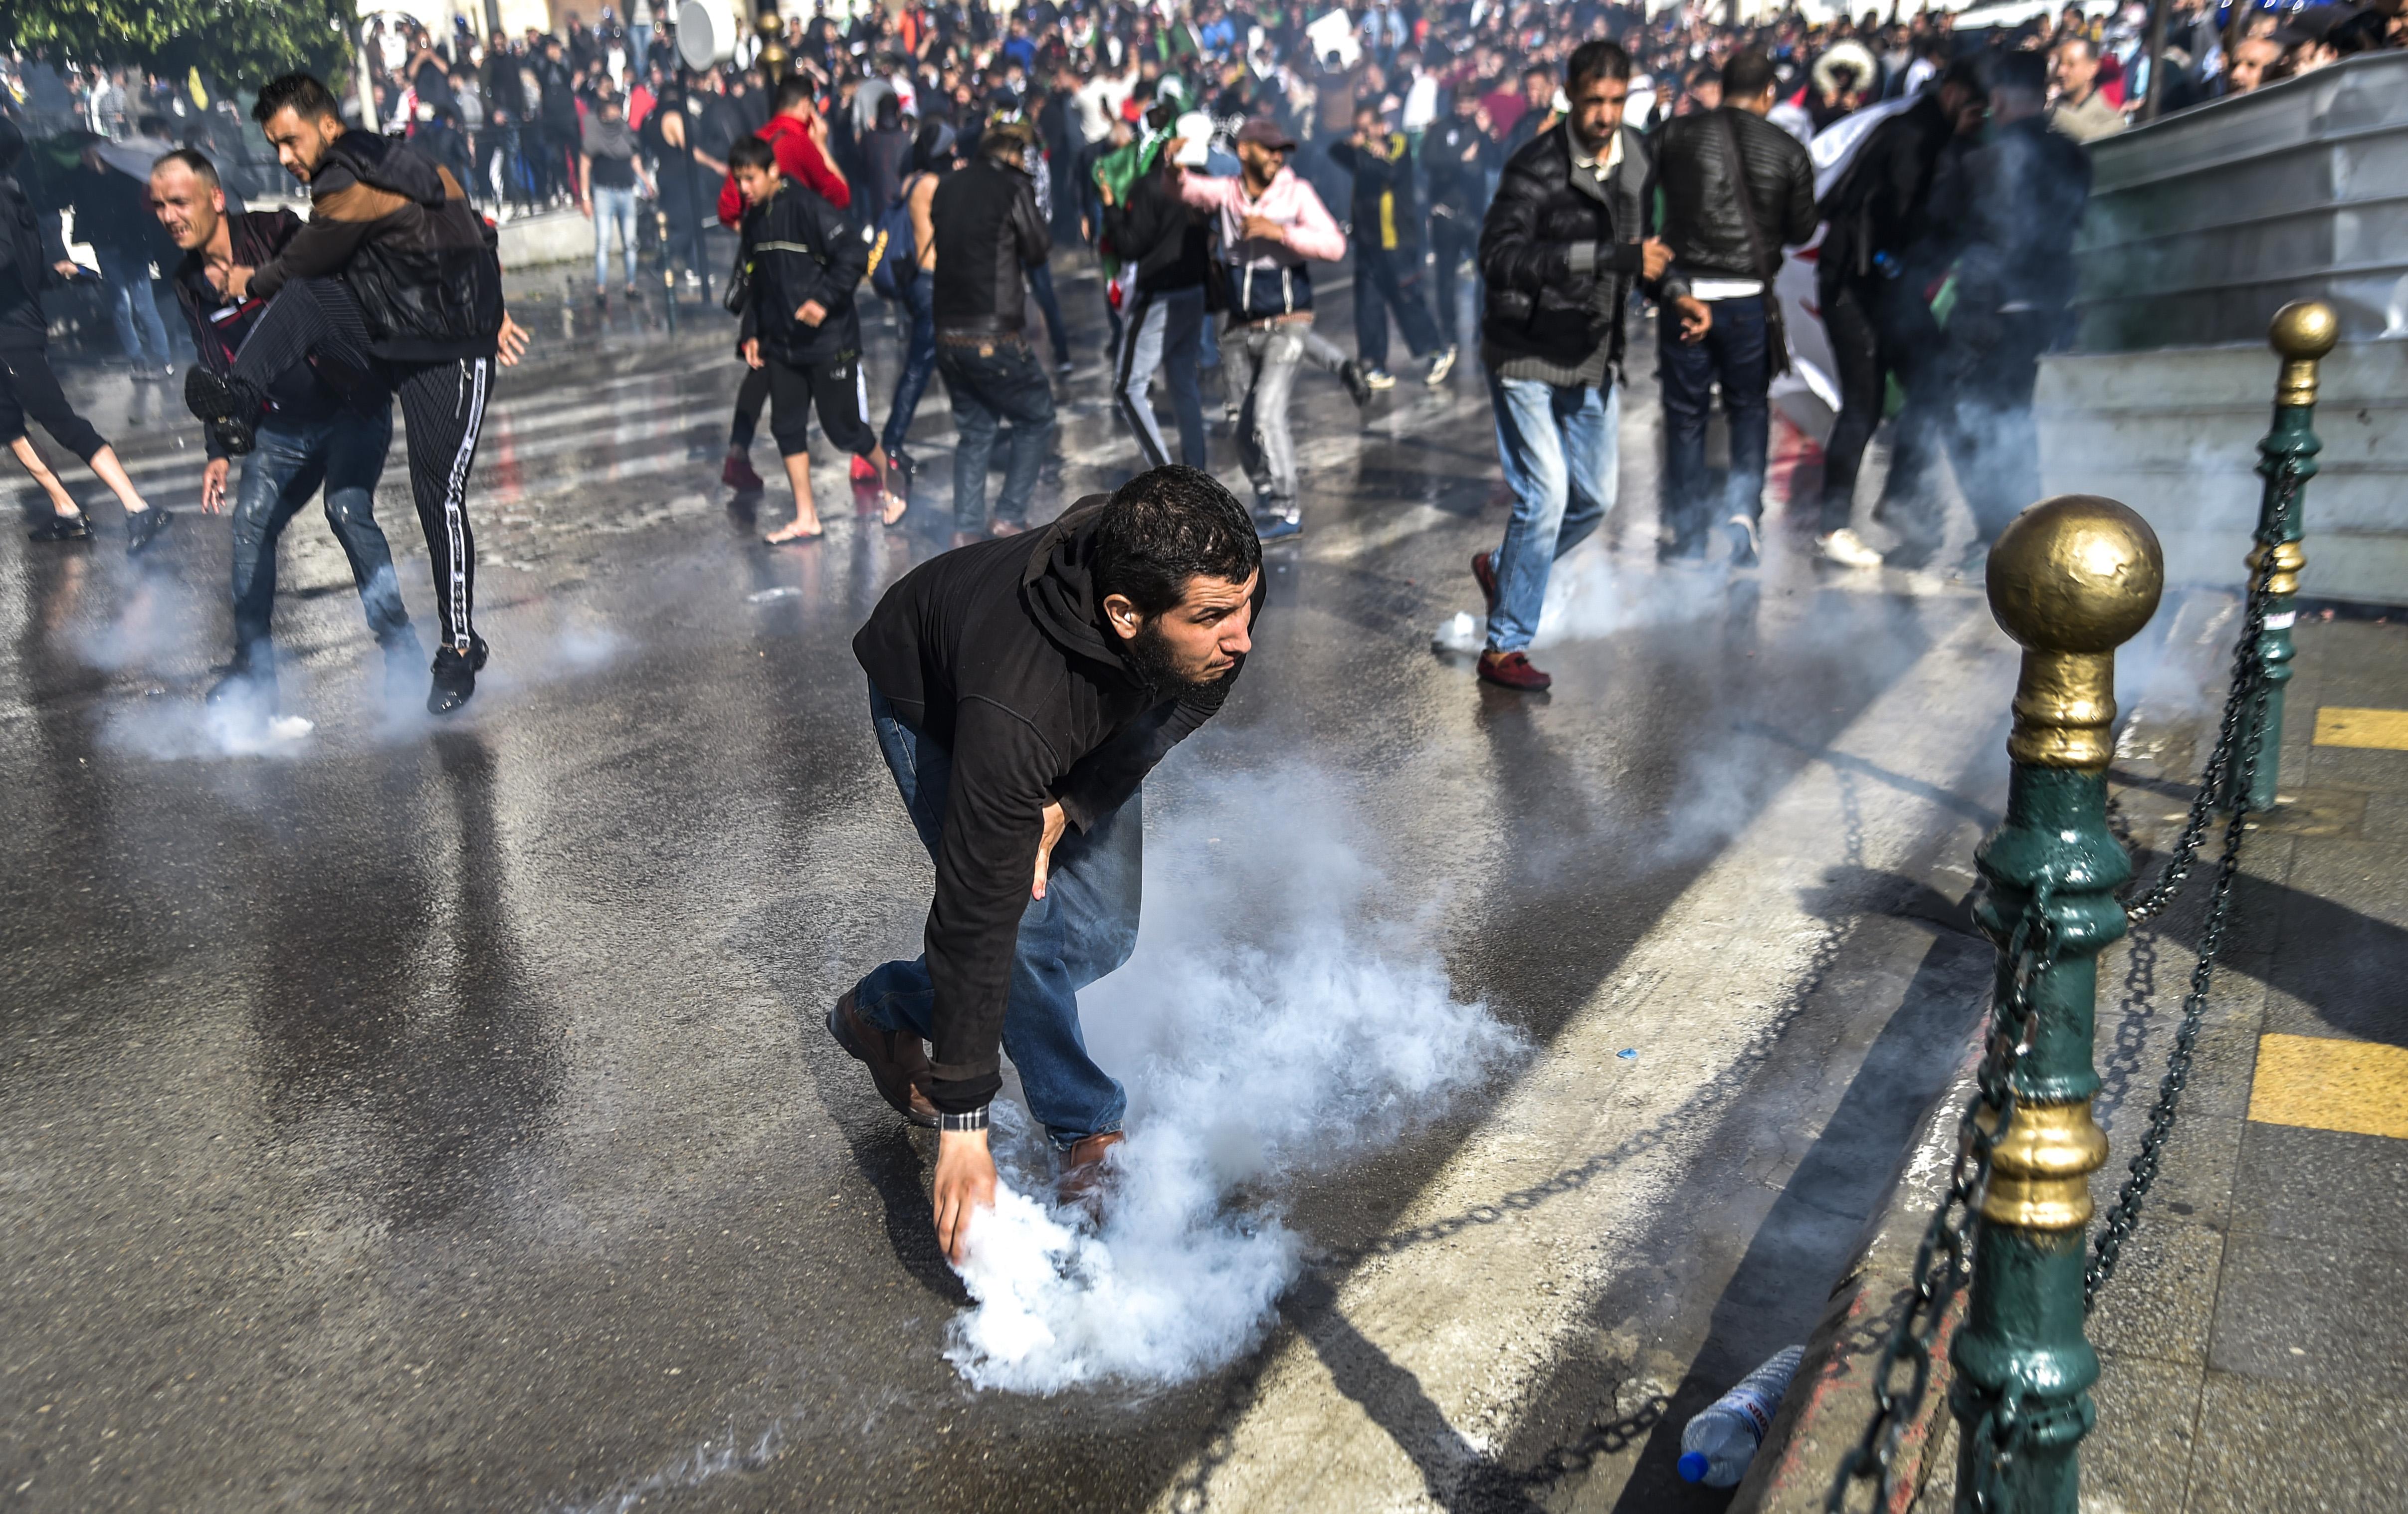 متظاهر جزائري يلتقط قنبلة غاز مسيلة للدموع خلال اشتباكات مع الأمن في العاصمة